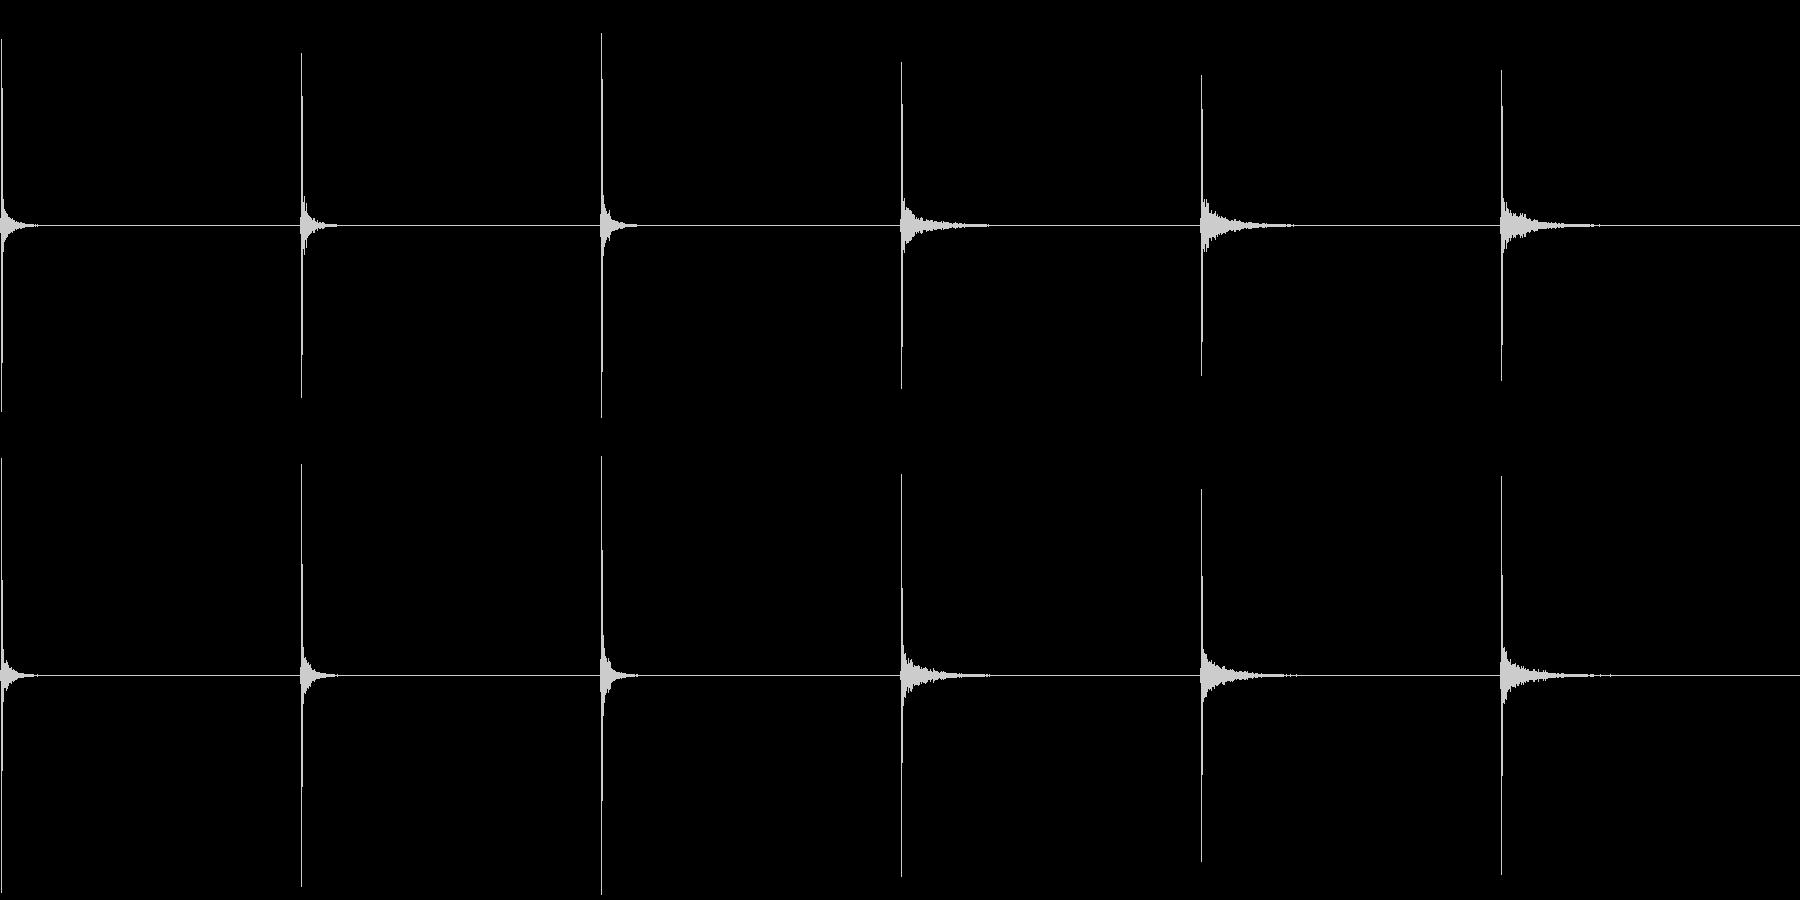 フィンガースナップ(男性、残響有り無し)の未再生の波形